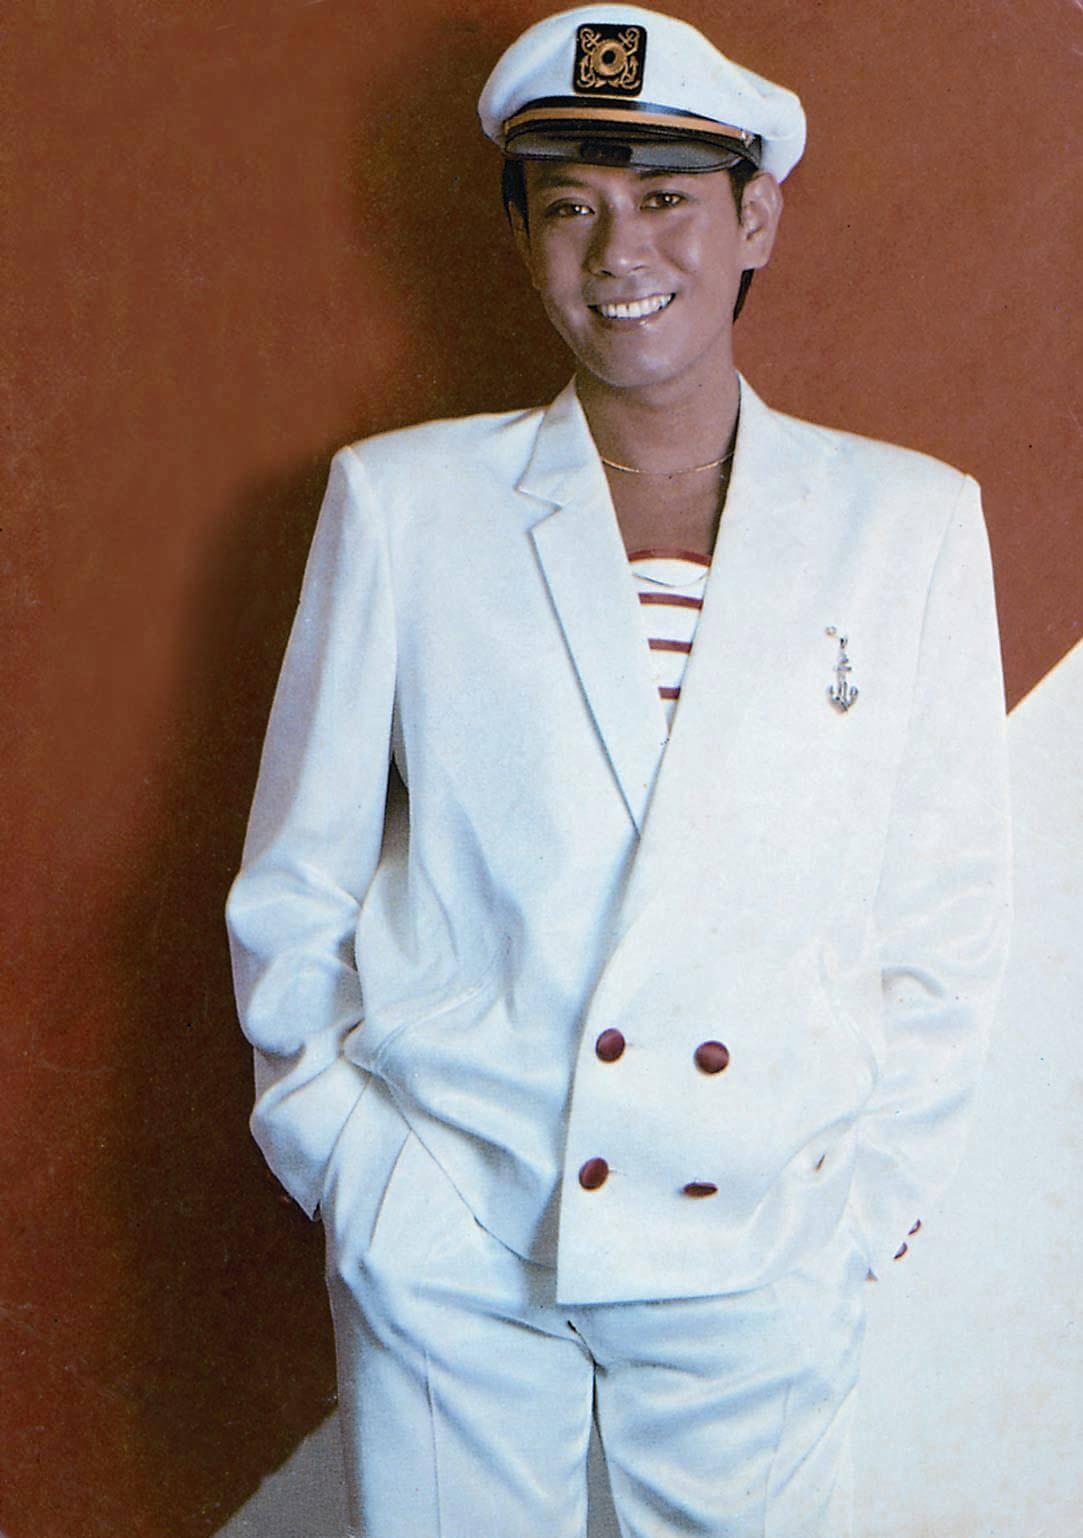 羅文當年從日本學藝歸來,最先把澤田研二的中性打扮帶回香港,這個脂粉味稍減的水手裝,也帶着澤田研二的影子,因為水手裝可說是當時澤田研二的標誌。